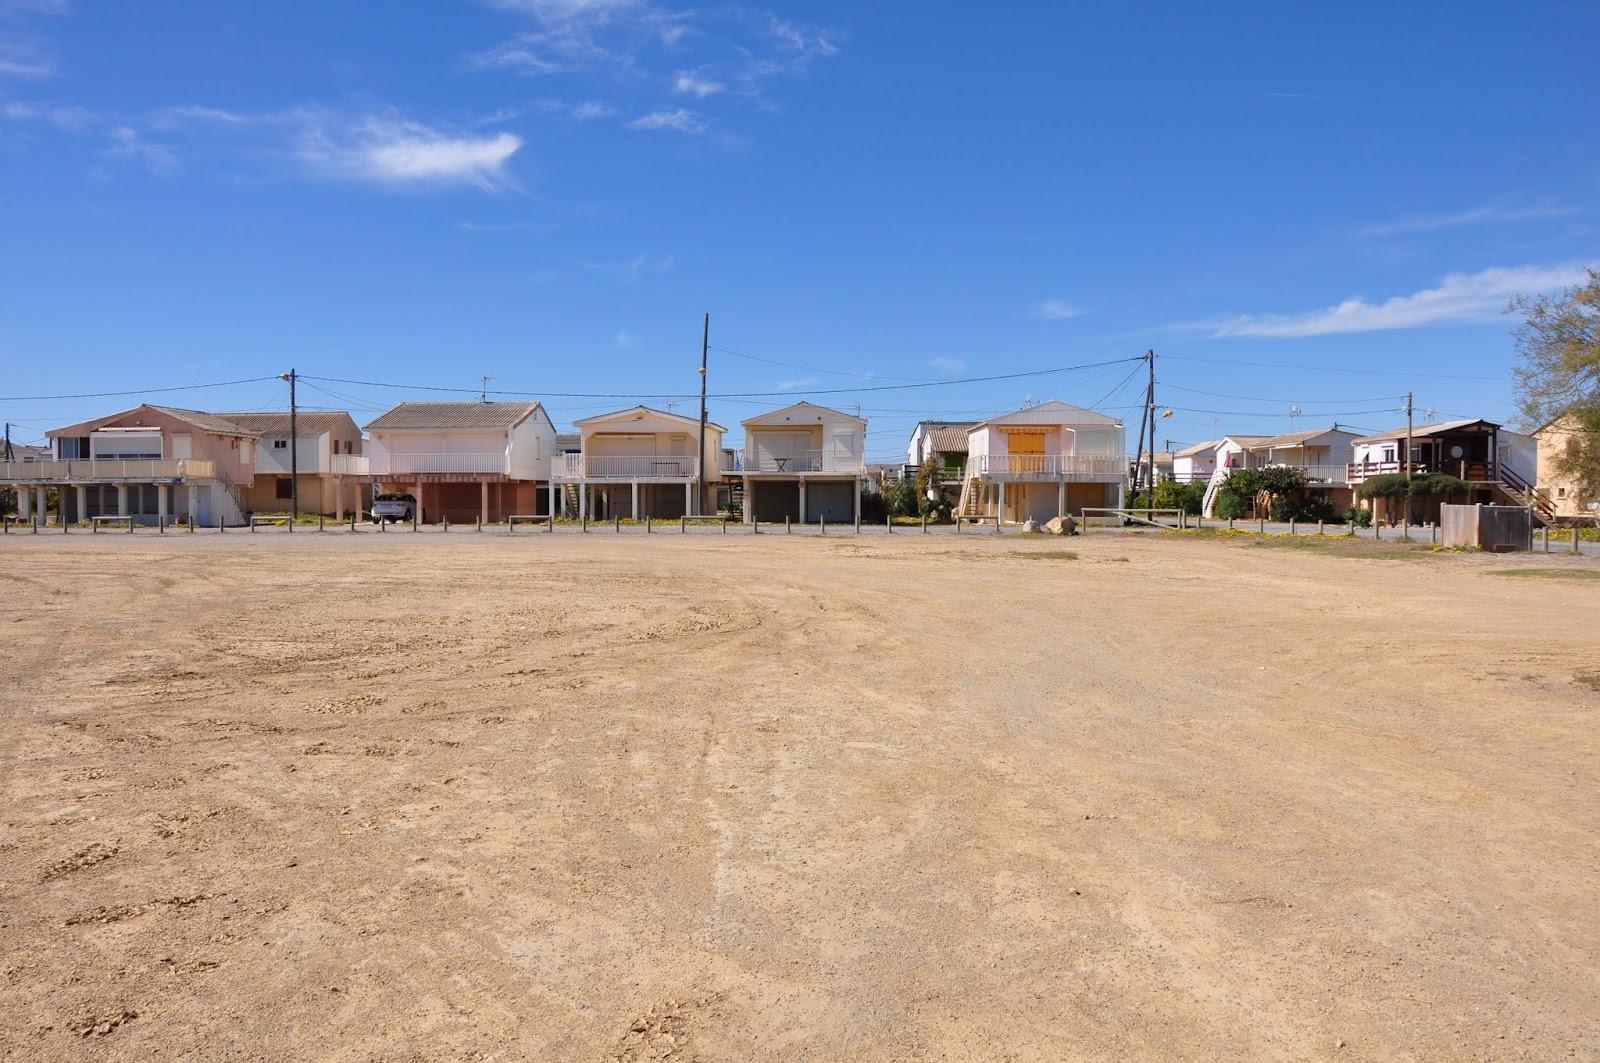 Plage Des Chalets A Gruissan laboratoire urbanisme insurrectionnel: gruissan plage